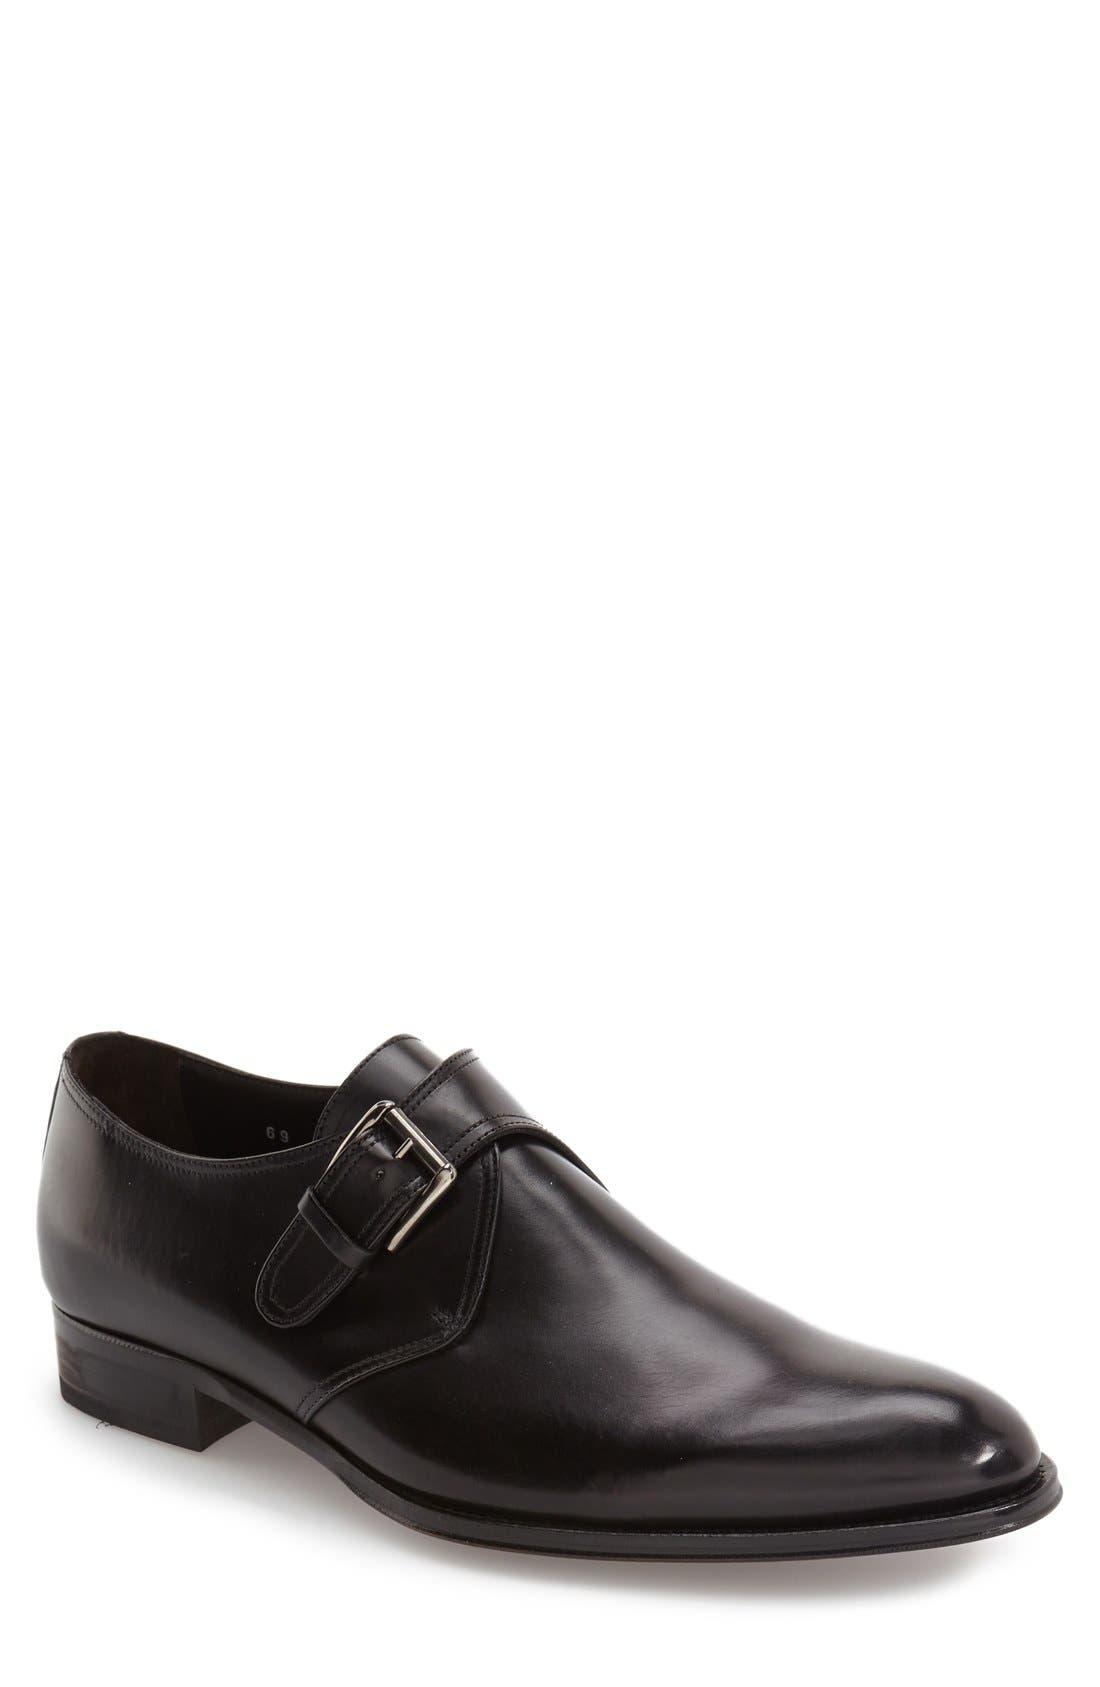 Emmett Monk Strap Shoe,                         Main,                         color,